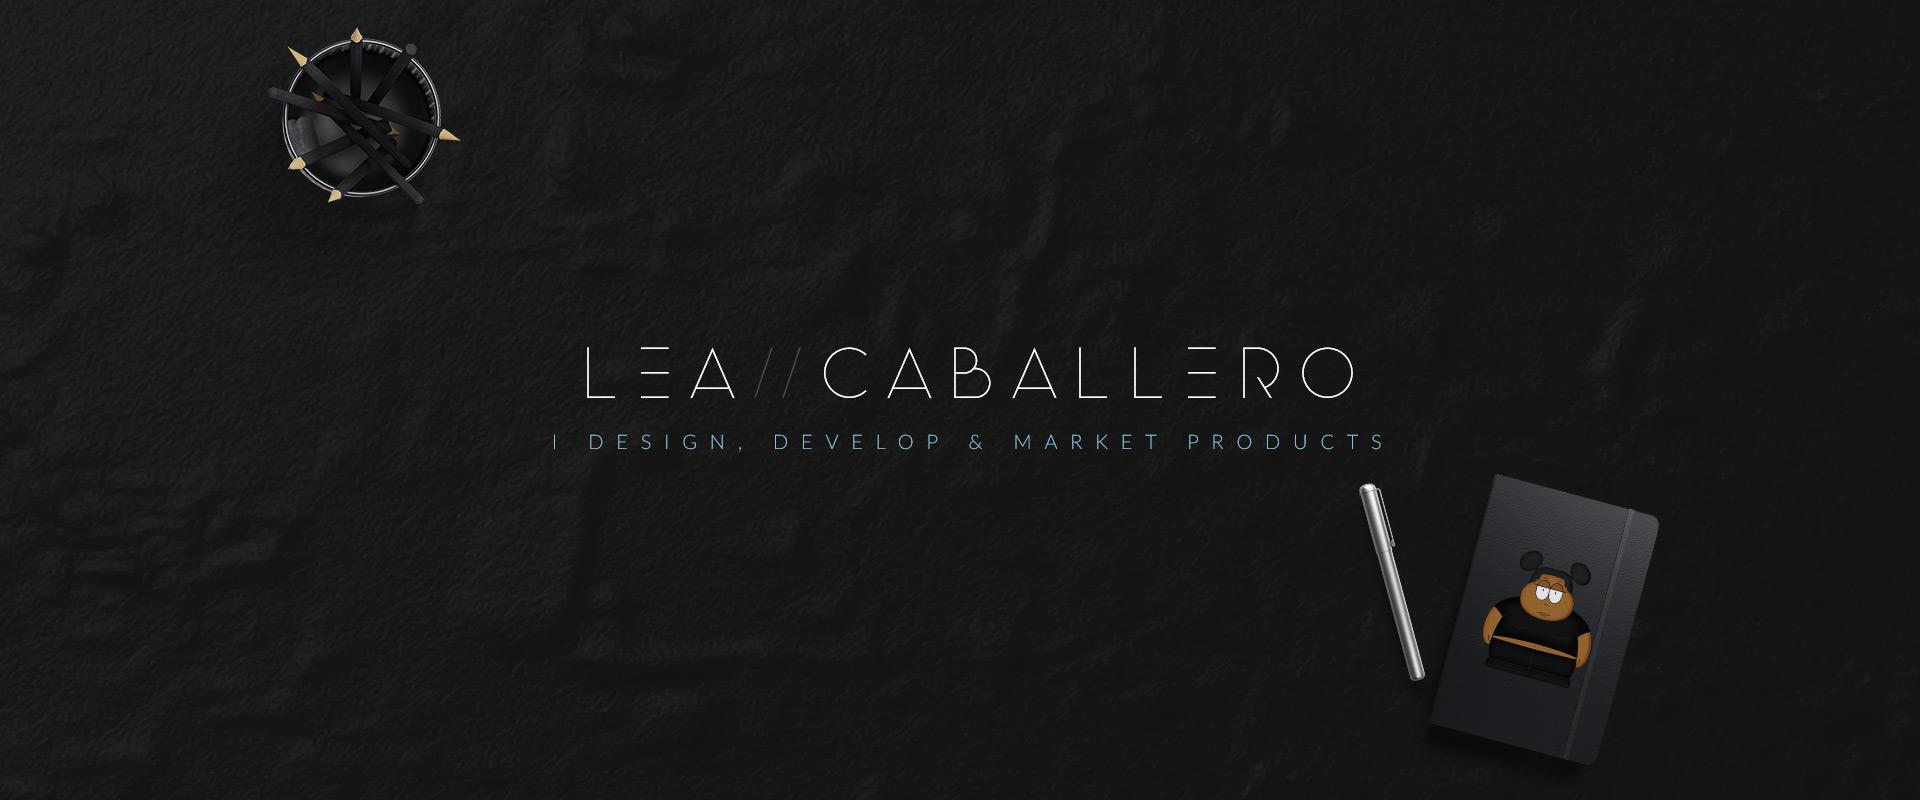 Lea Caballero